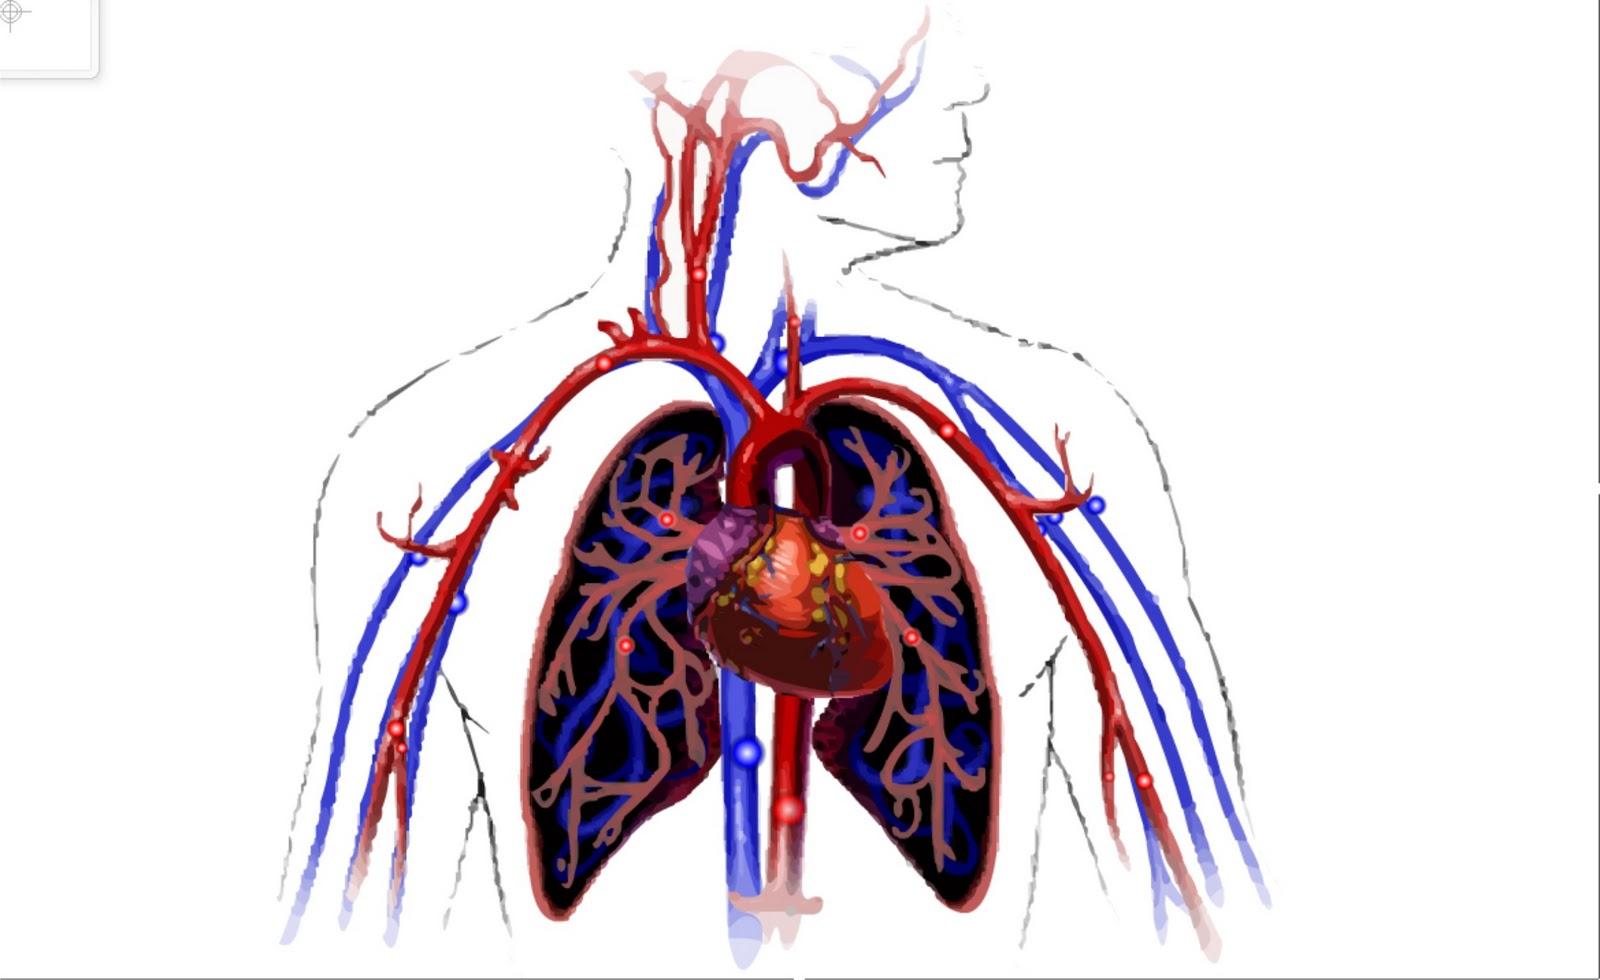 Aulia Blog Animasi Biologi Smp Maupun Sma Sistem Sirkulasi Darah